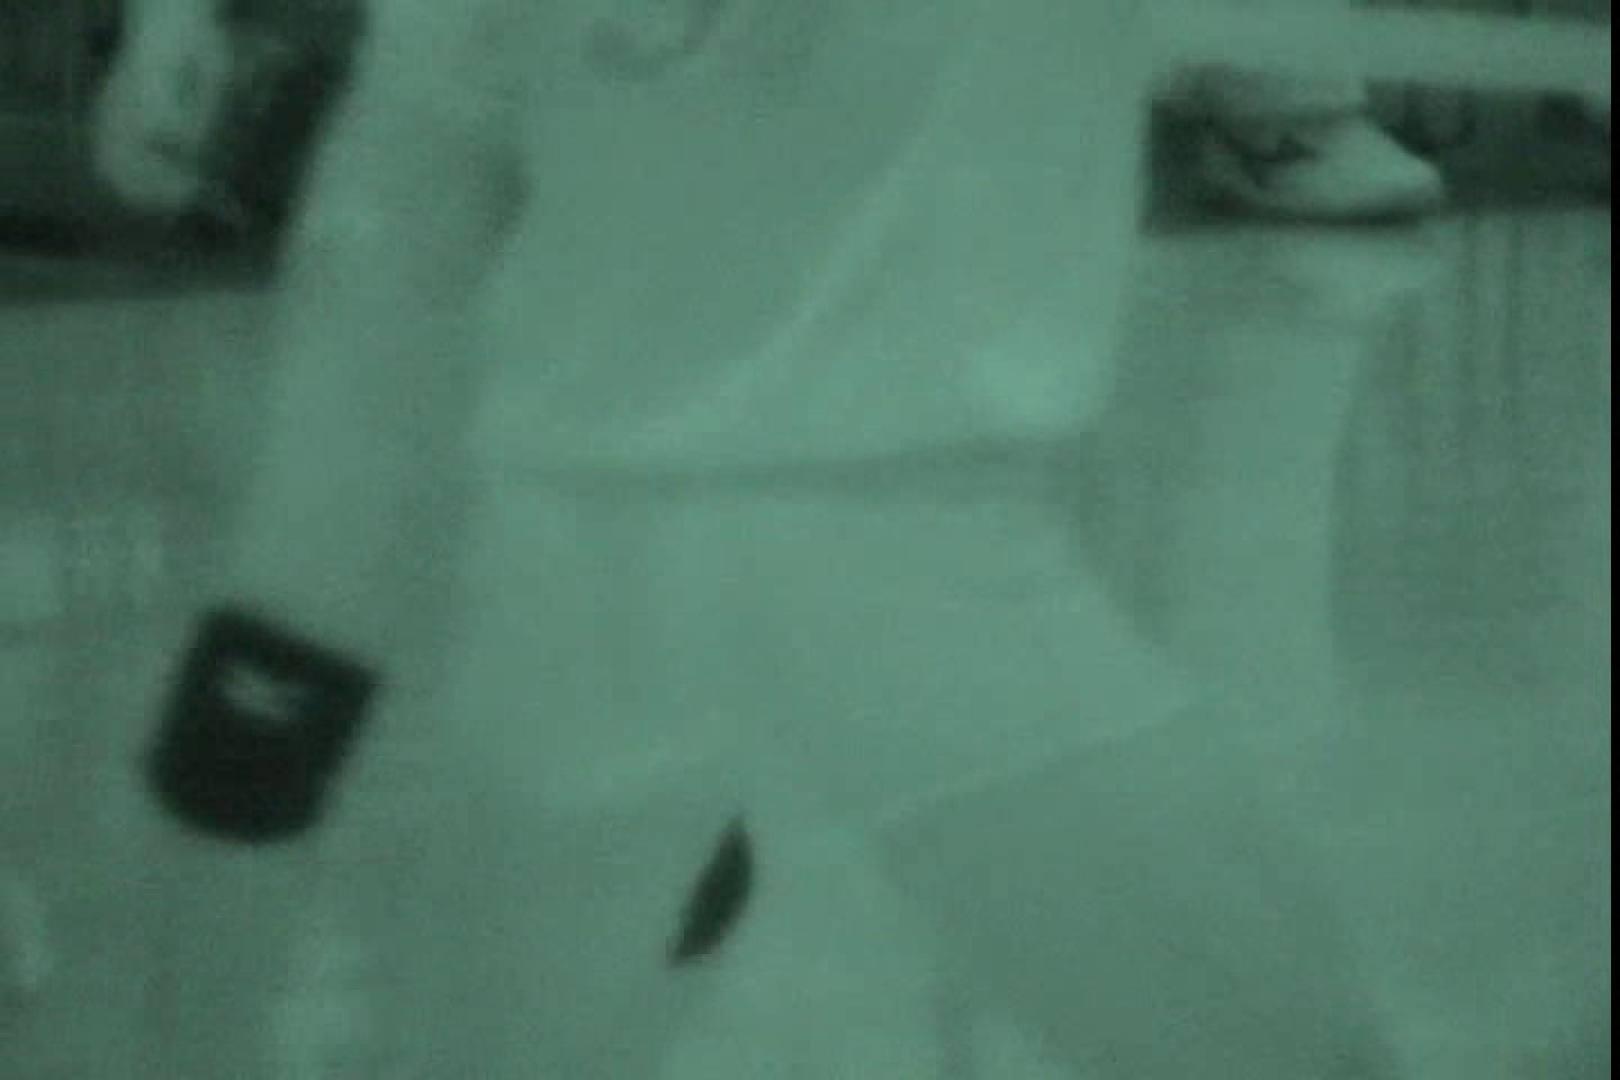 赤外線ムレスケバレー(汗) vol.04 赤外線 盗撮AV動画キャプチャ 82PICs 68